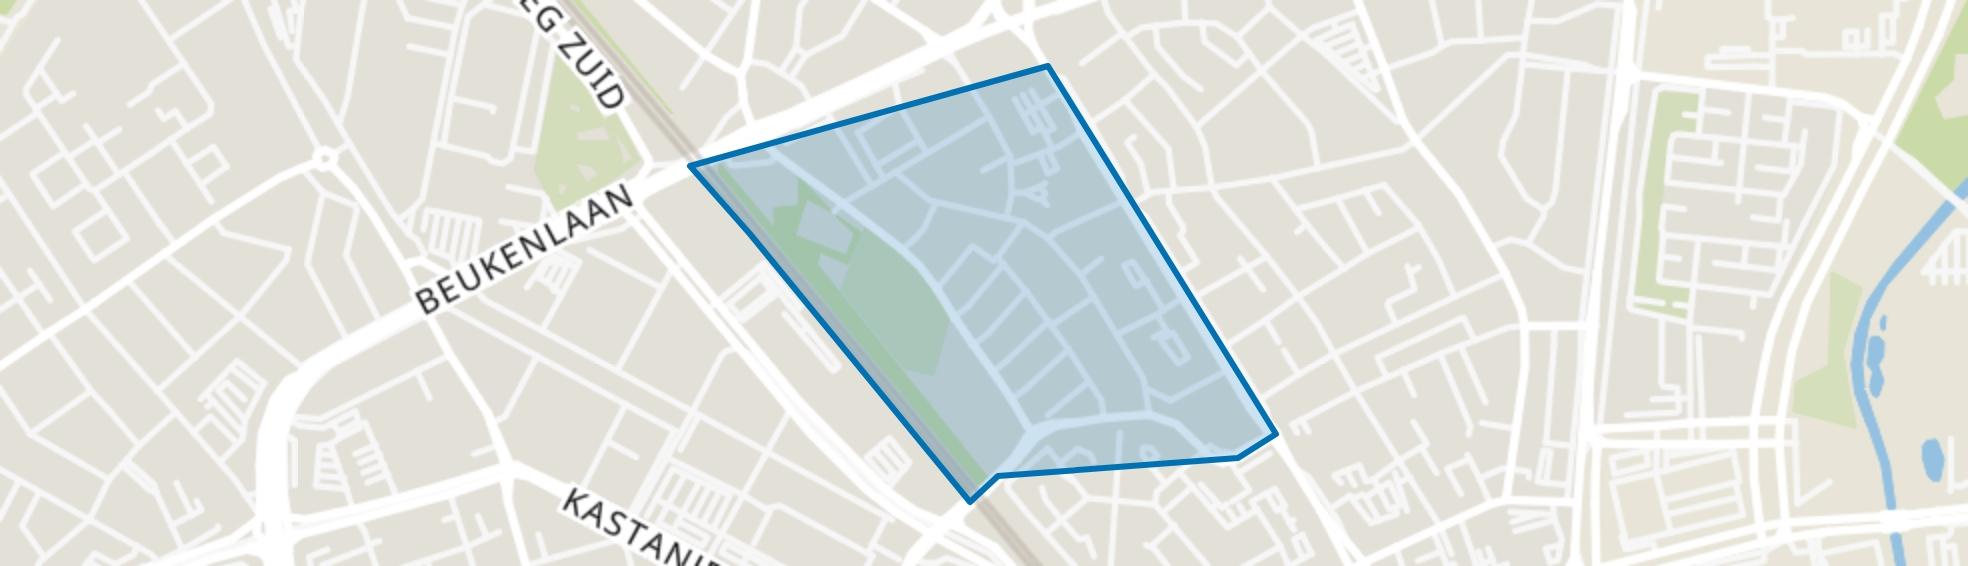 Limbeek-Noord, Eindhoven map